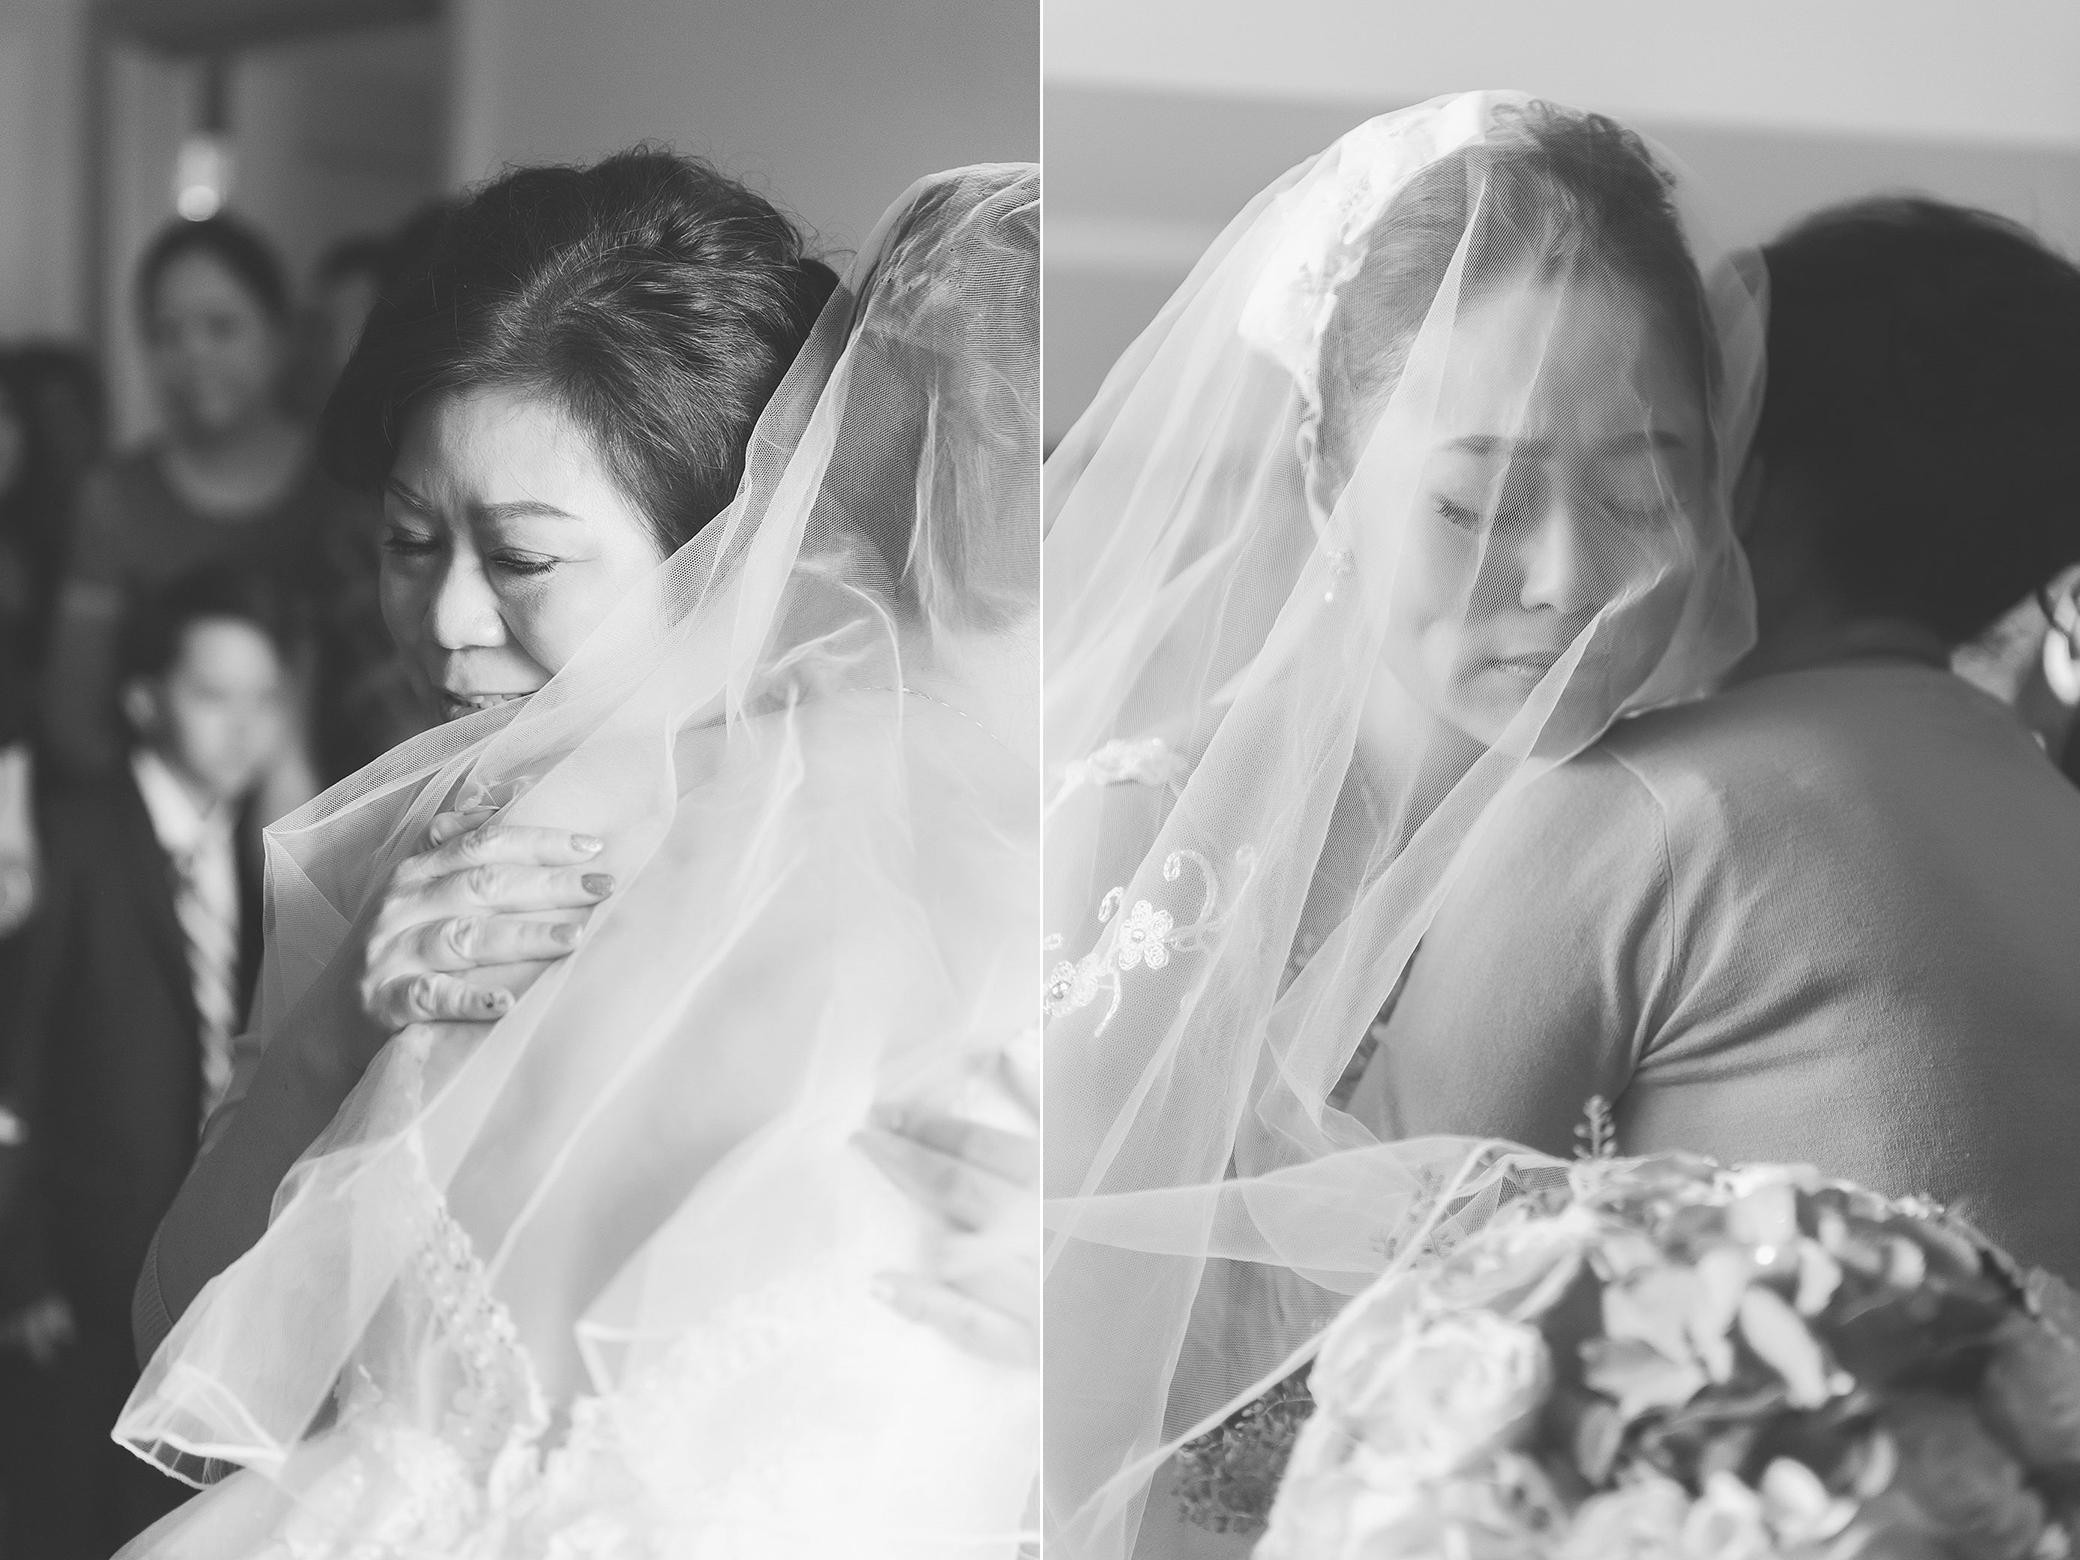 nickchang-realwedding-fineart-12